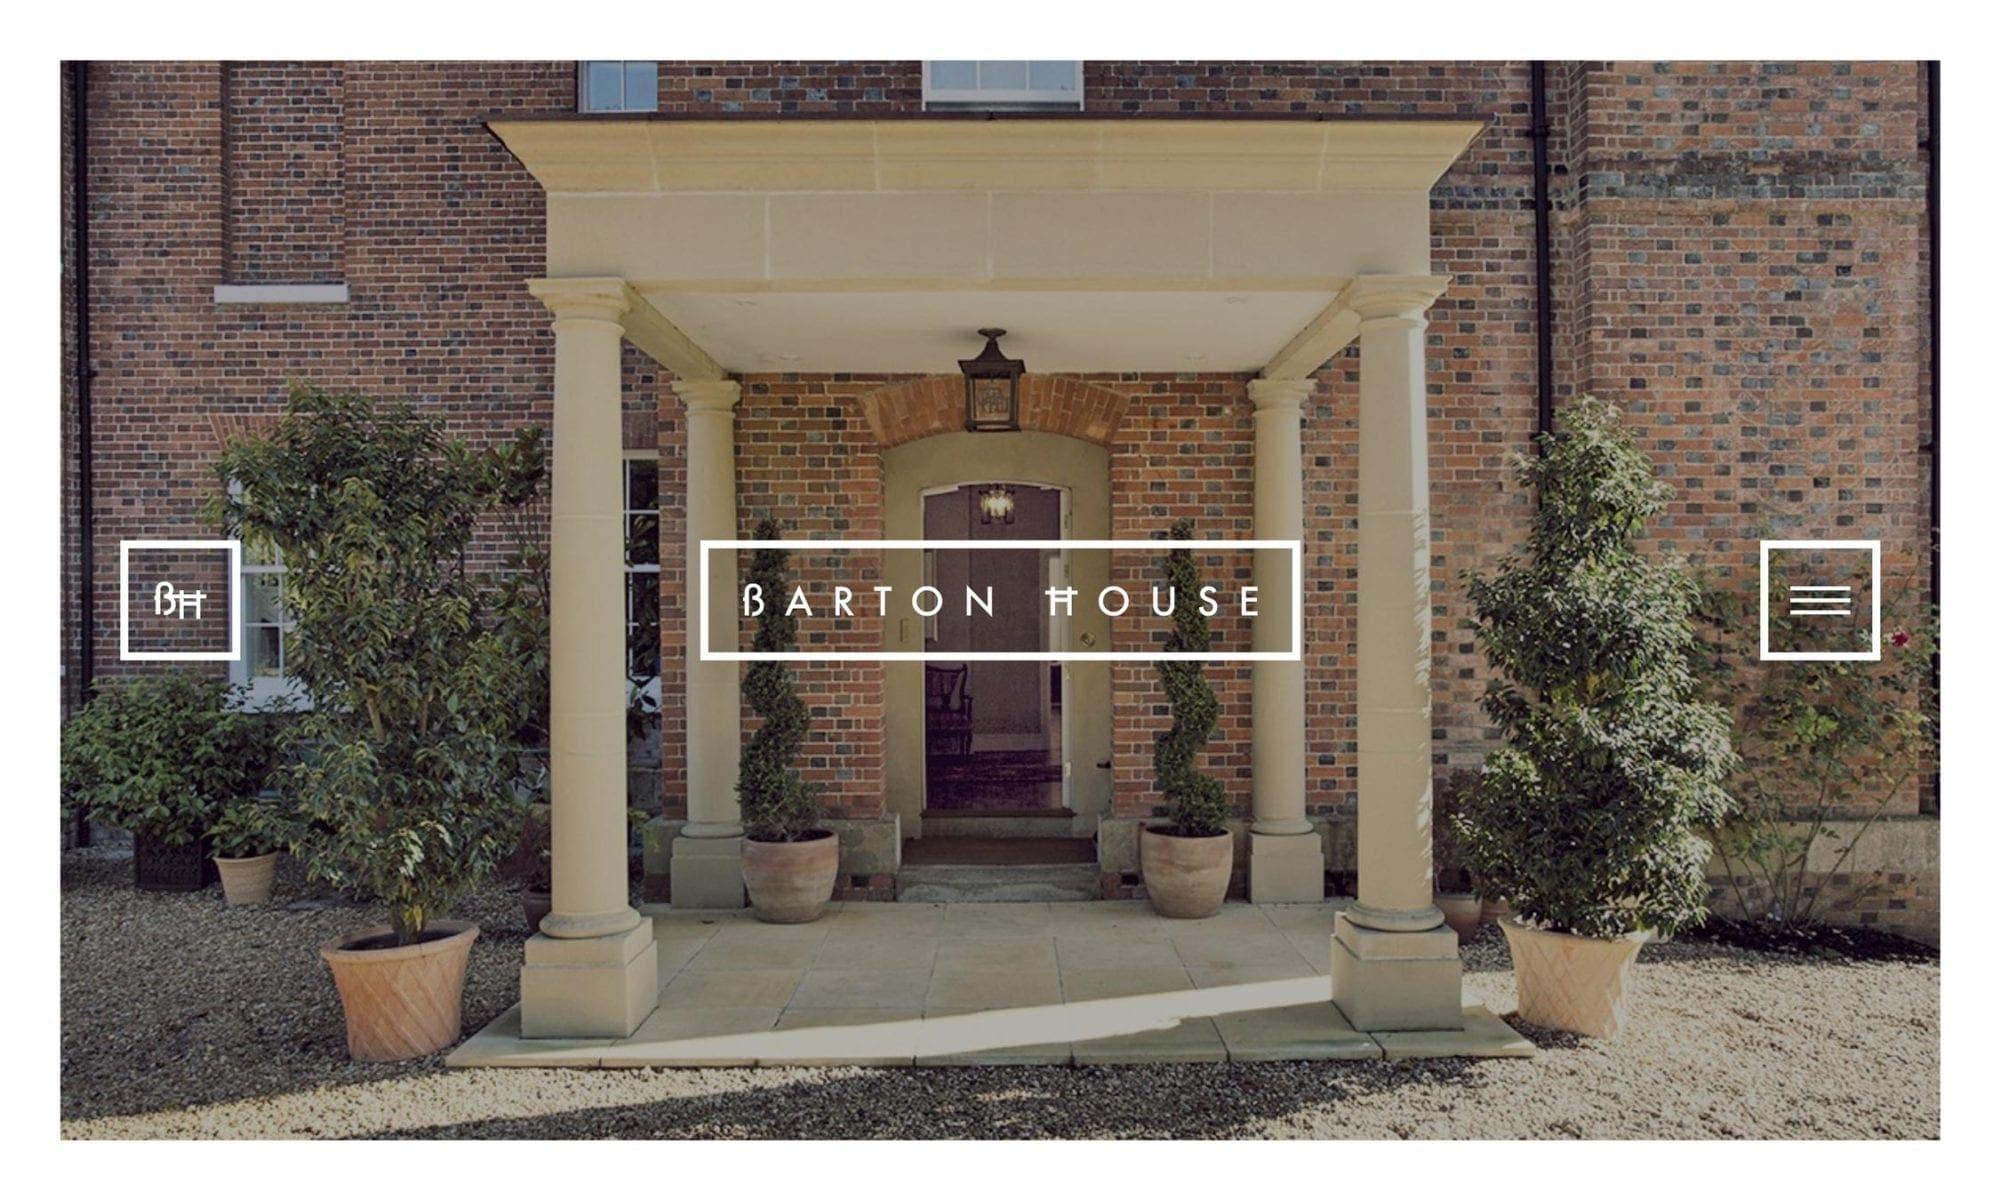 Barton House